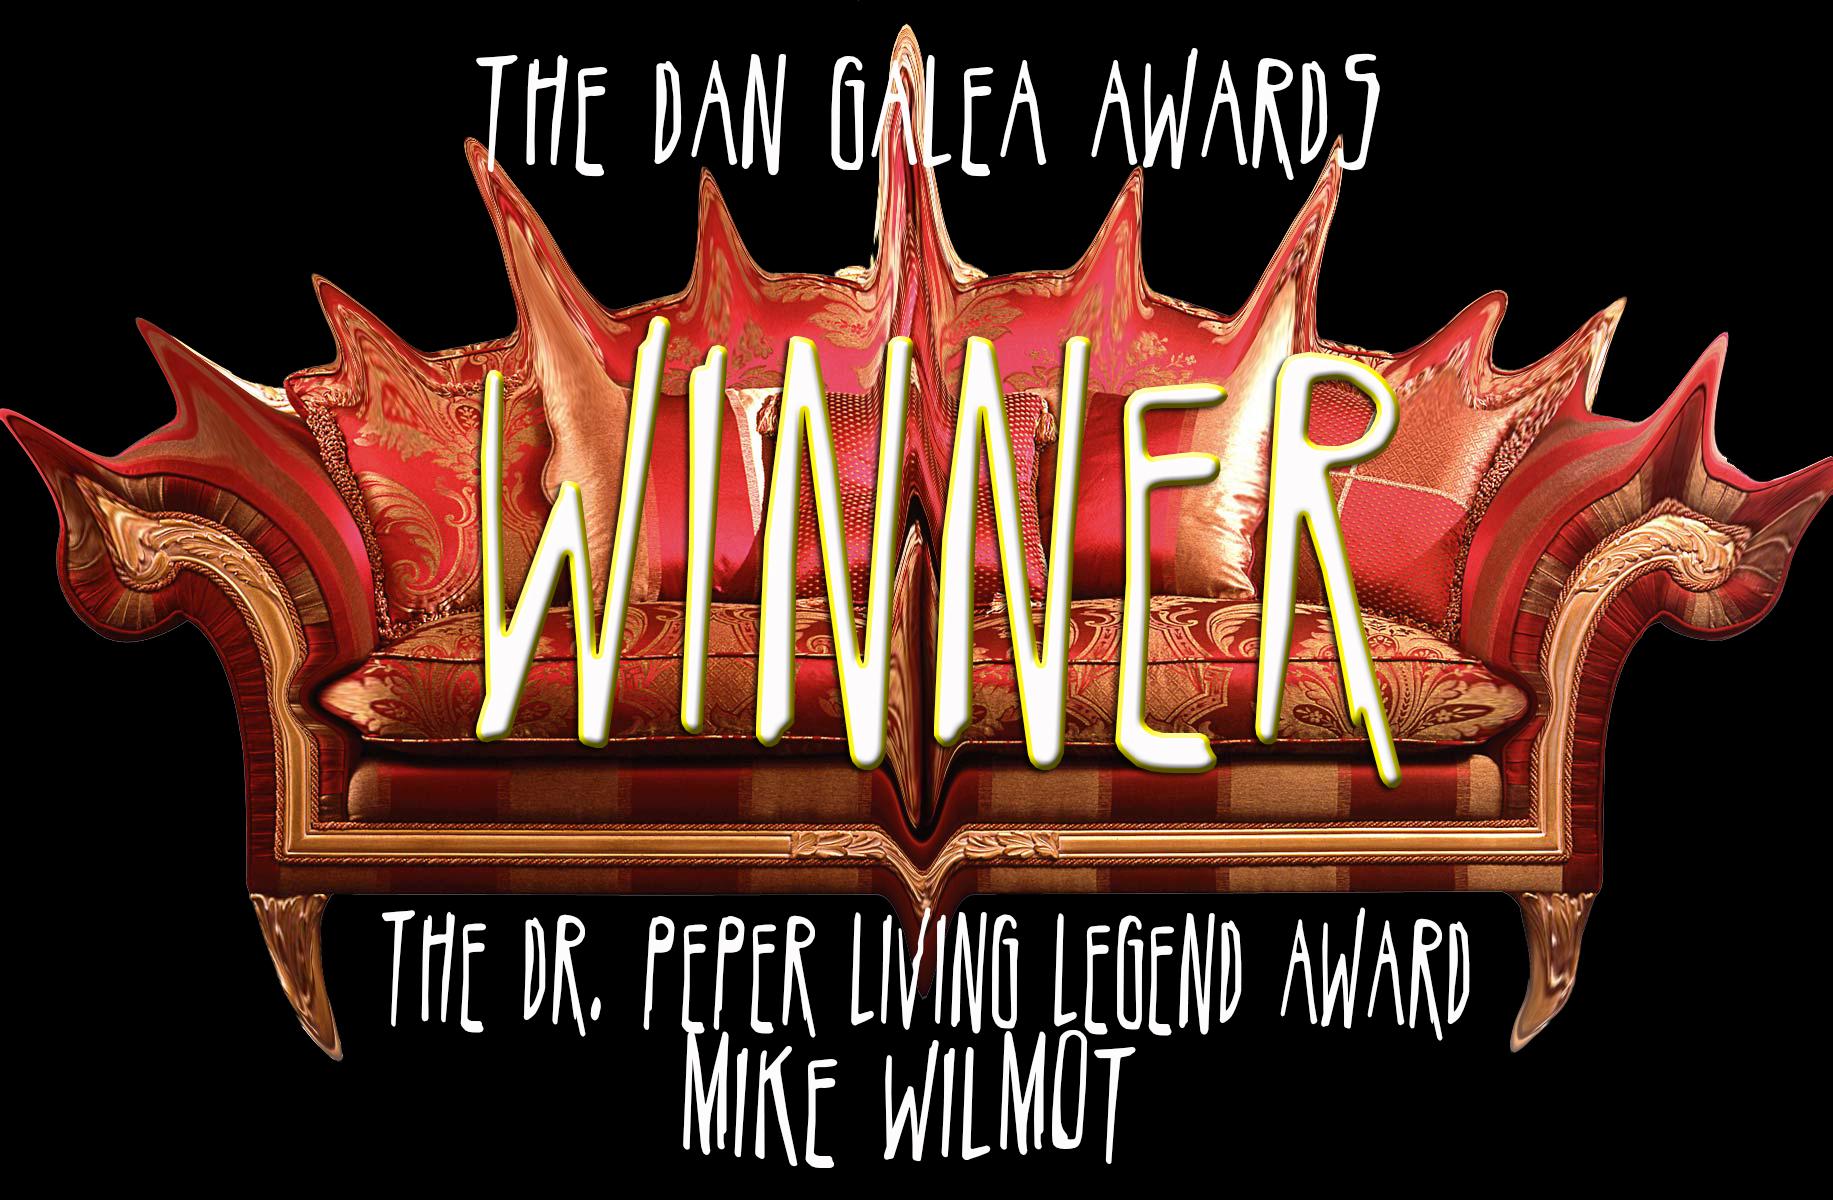 DGawards Mike Wilmot.jpg